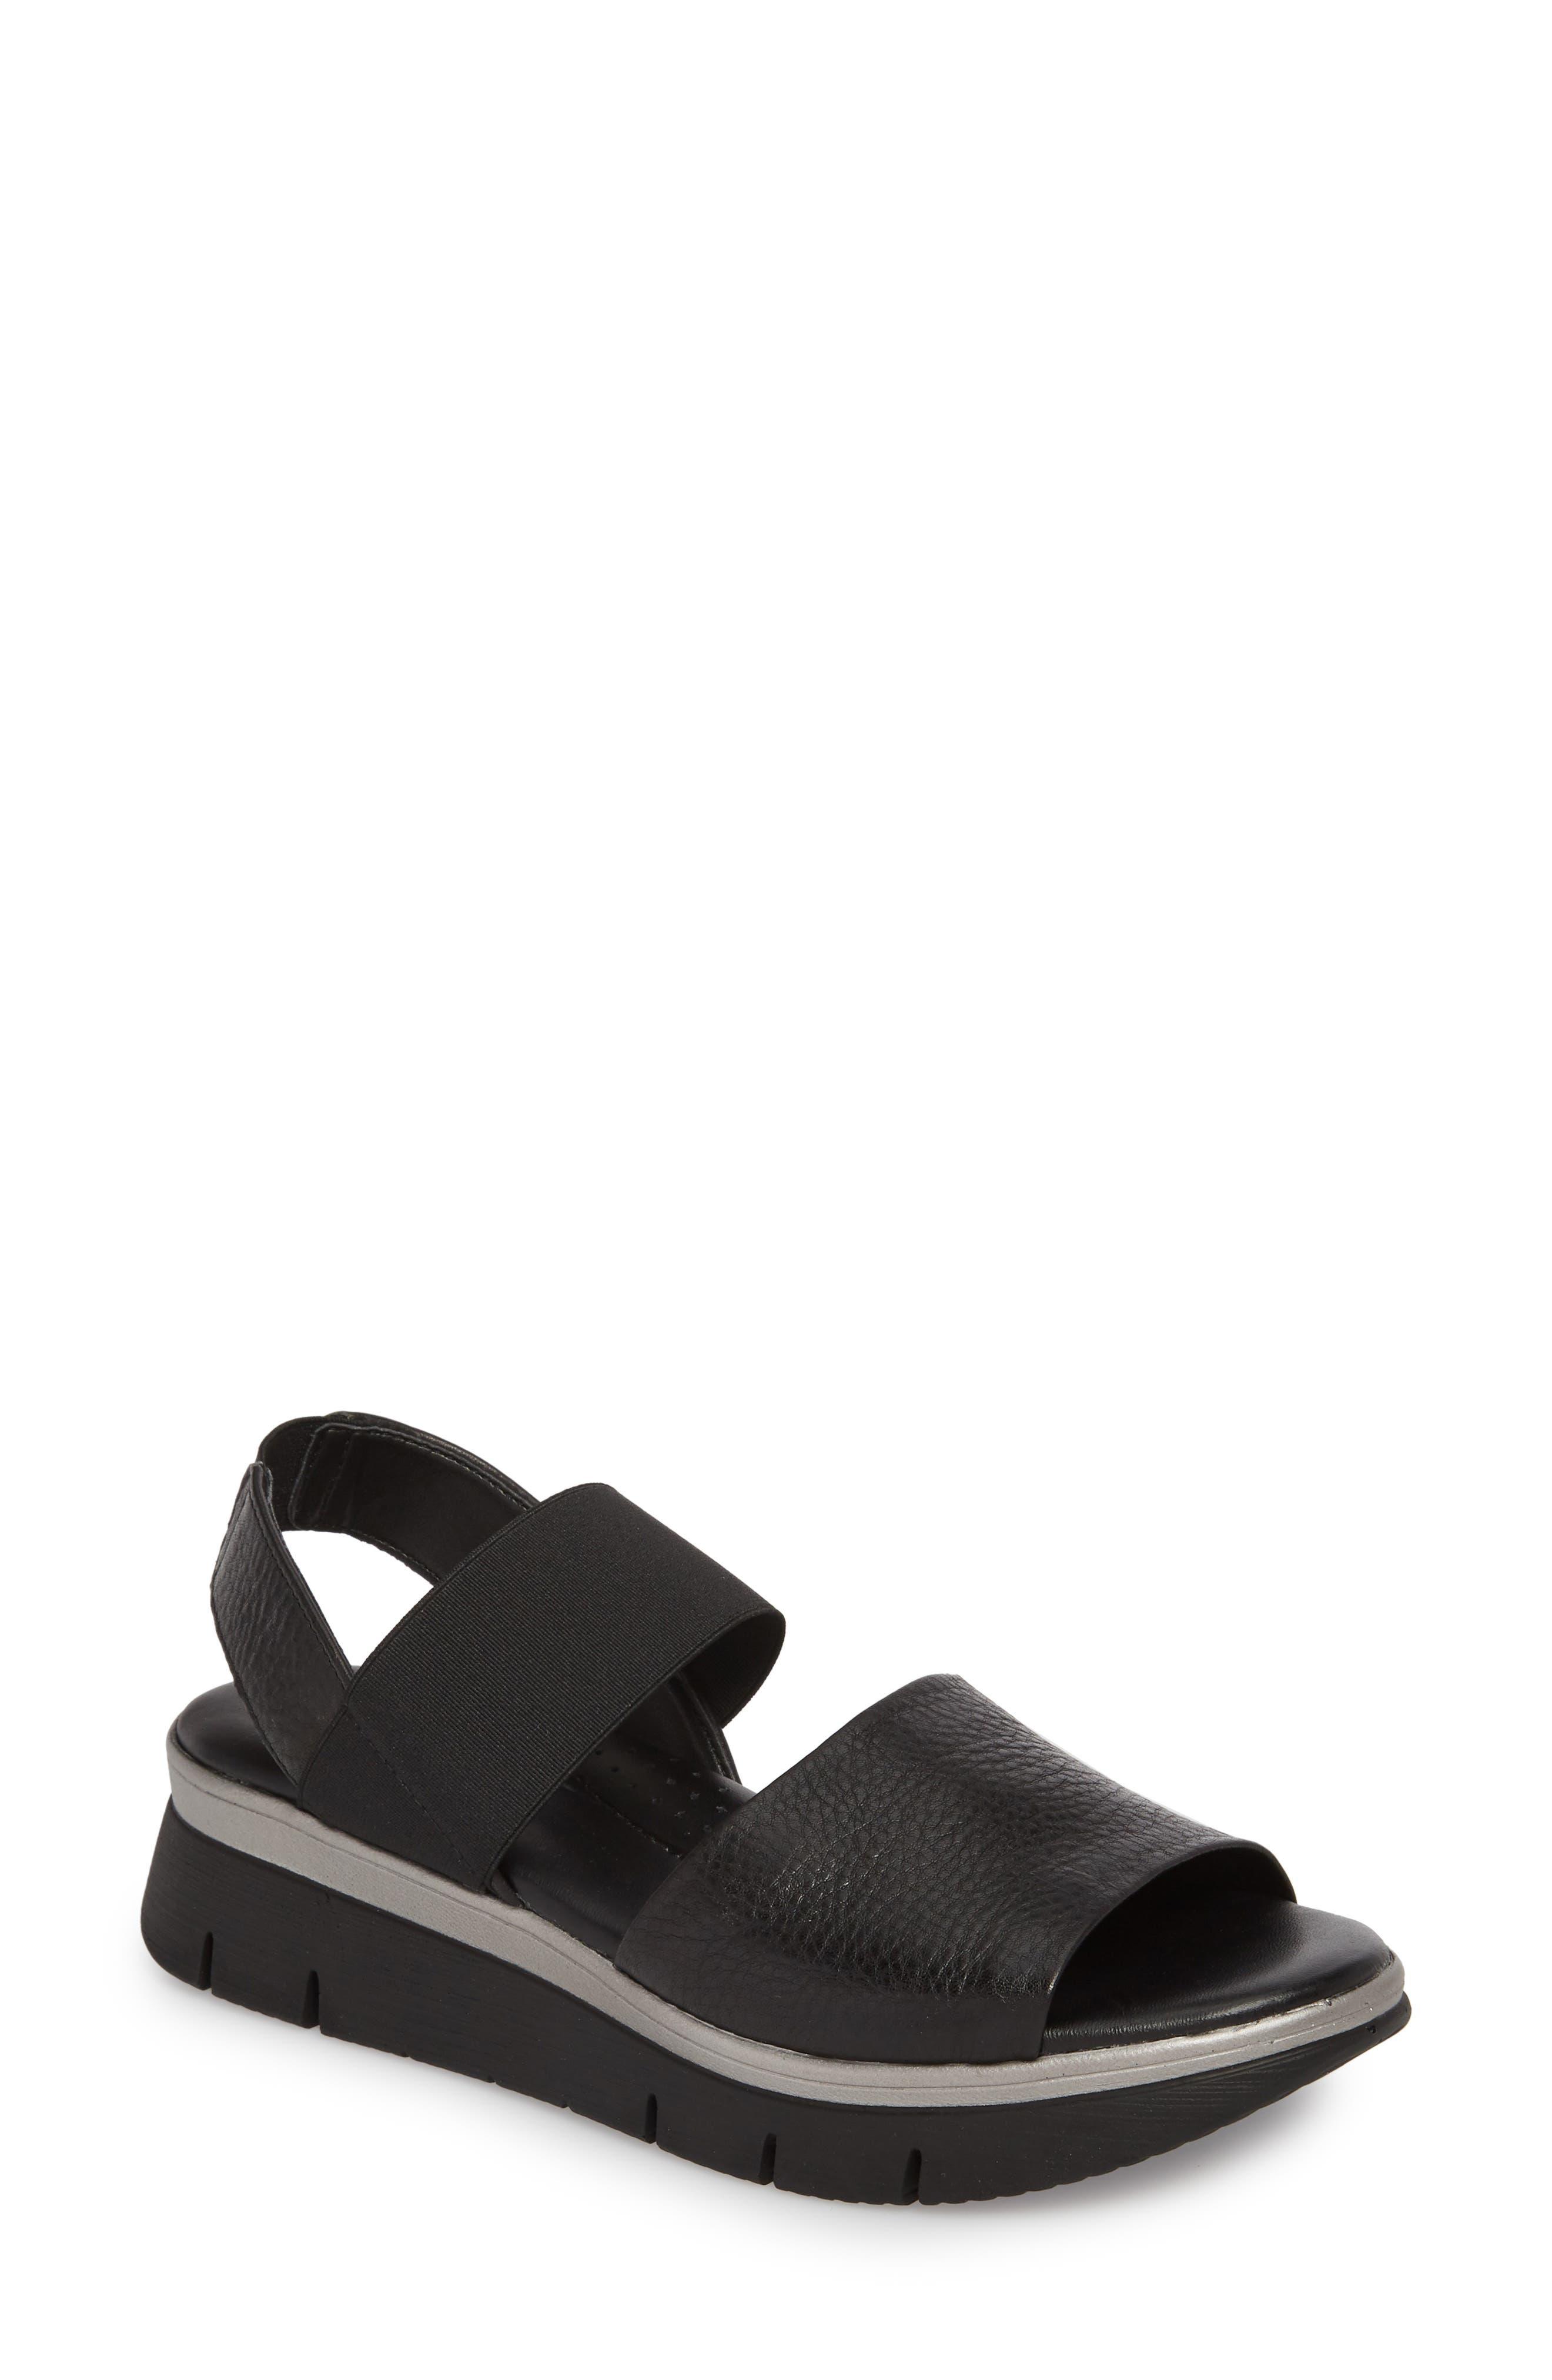 Cushy Sandal,                         Main,                         color, BLACK LEATHER